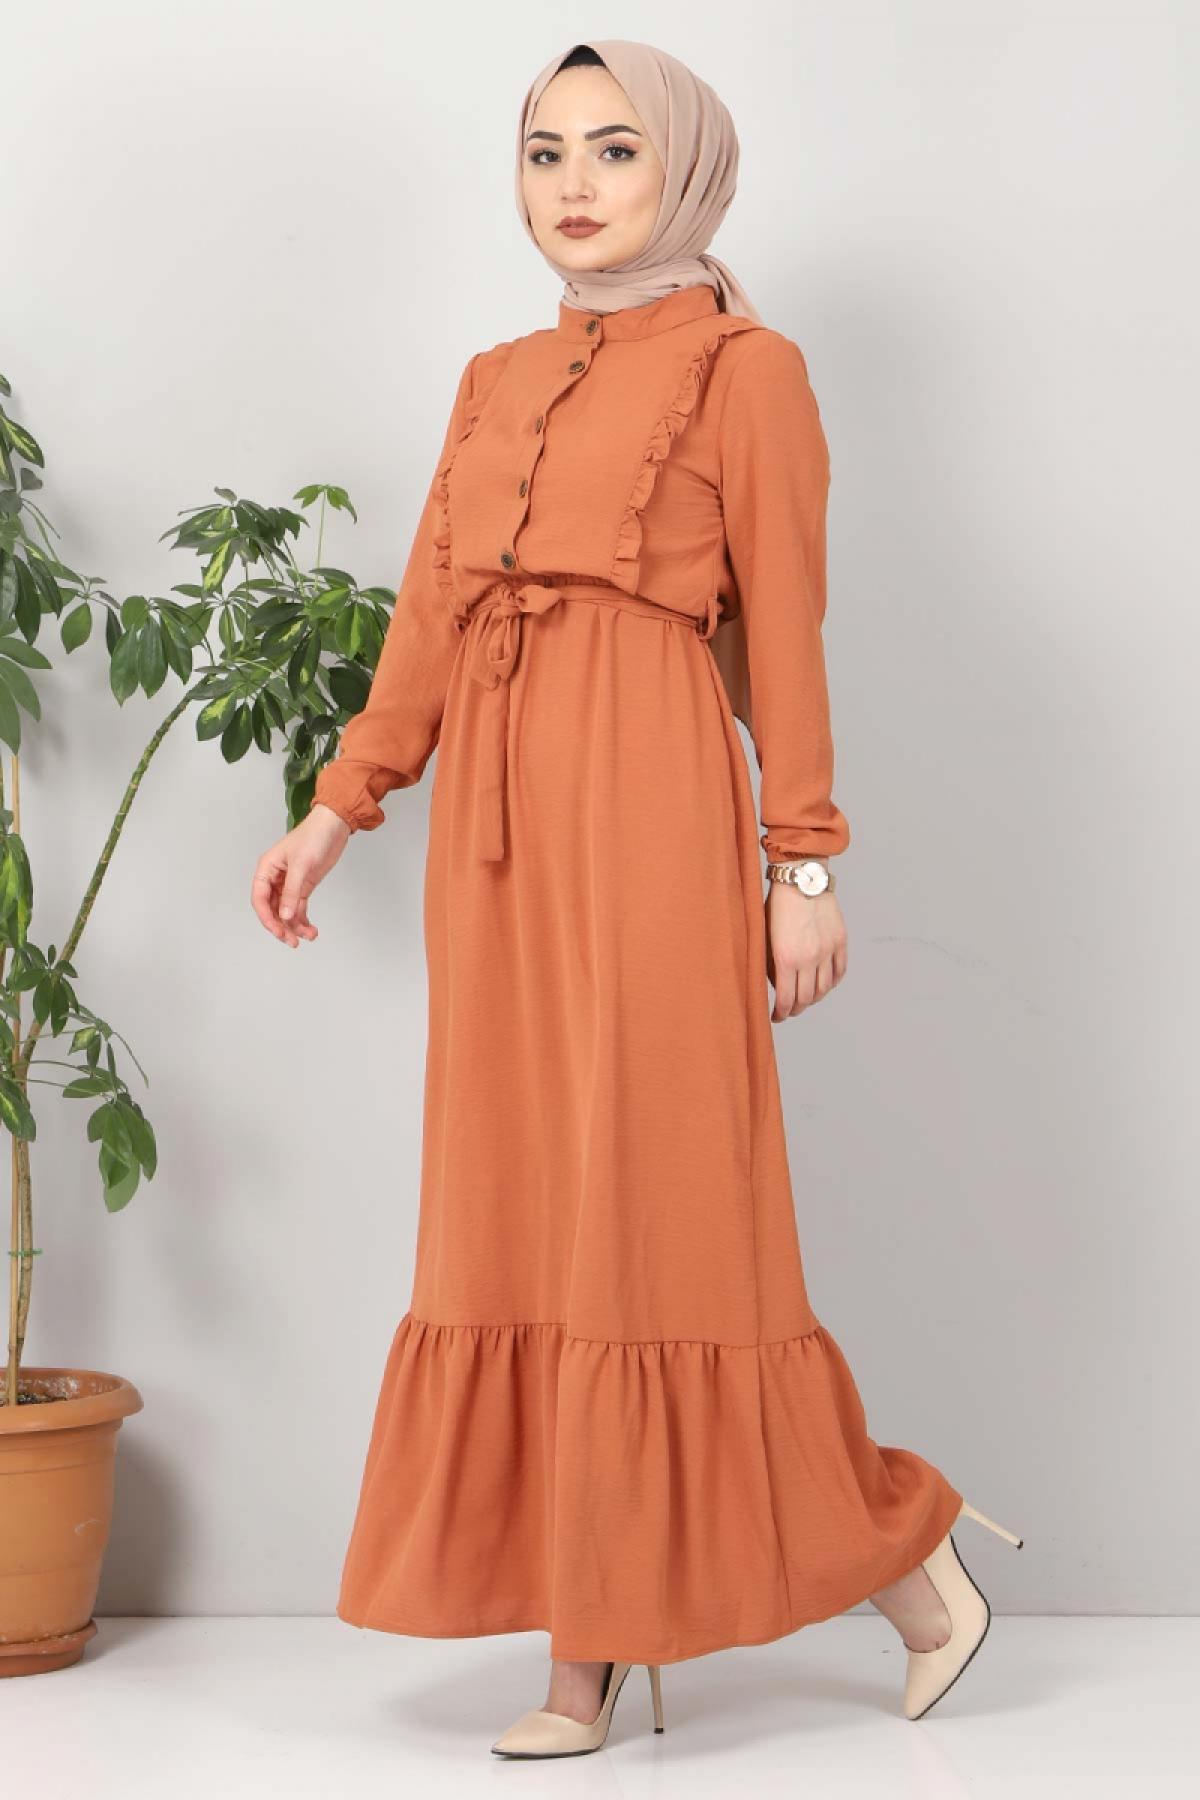 Önü Fırfırlı Ayrobin Elbise TSD11011 Somon